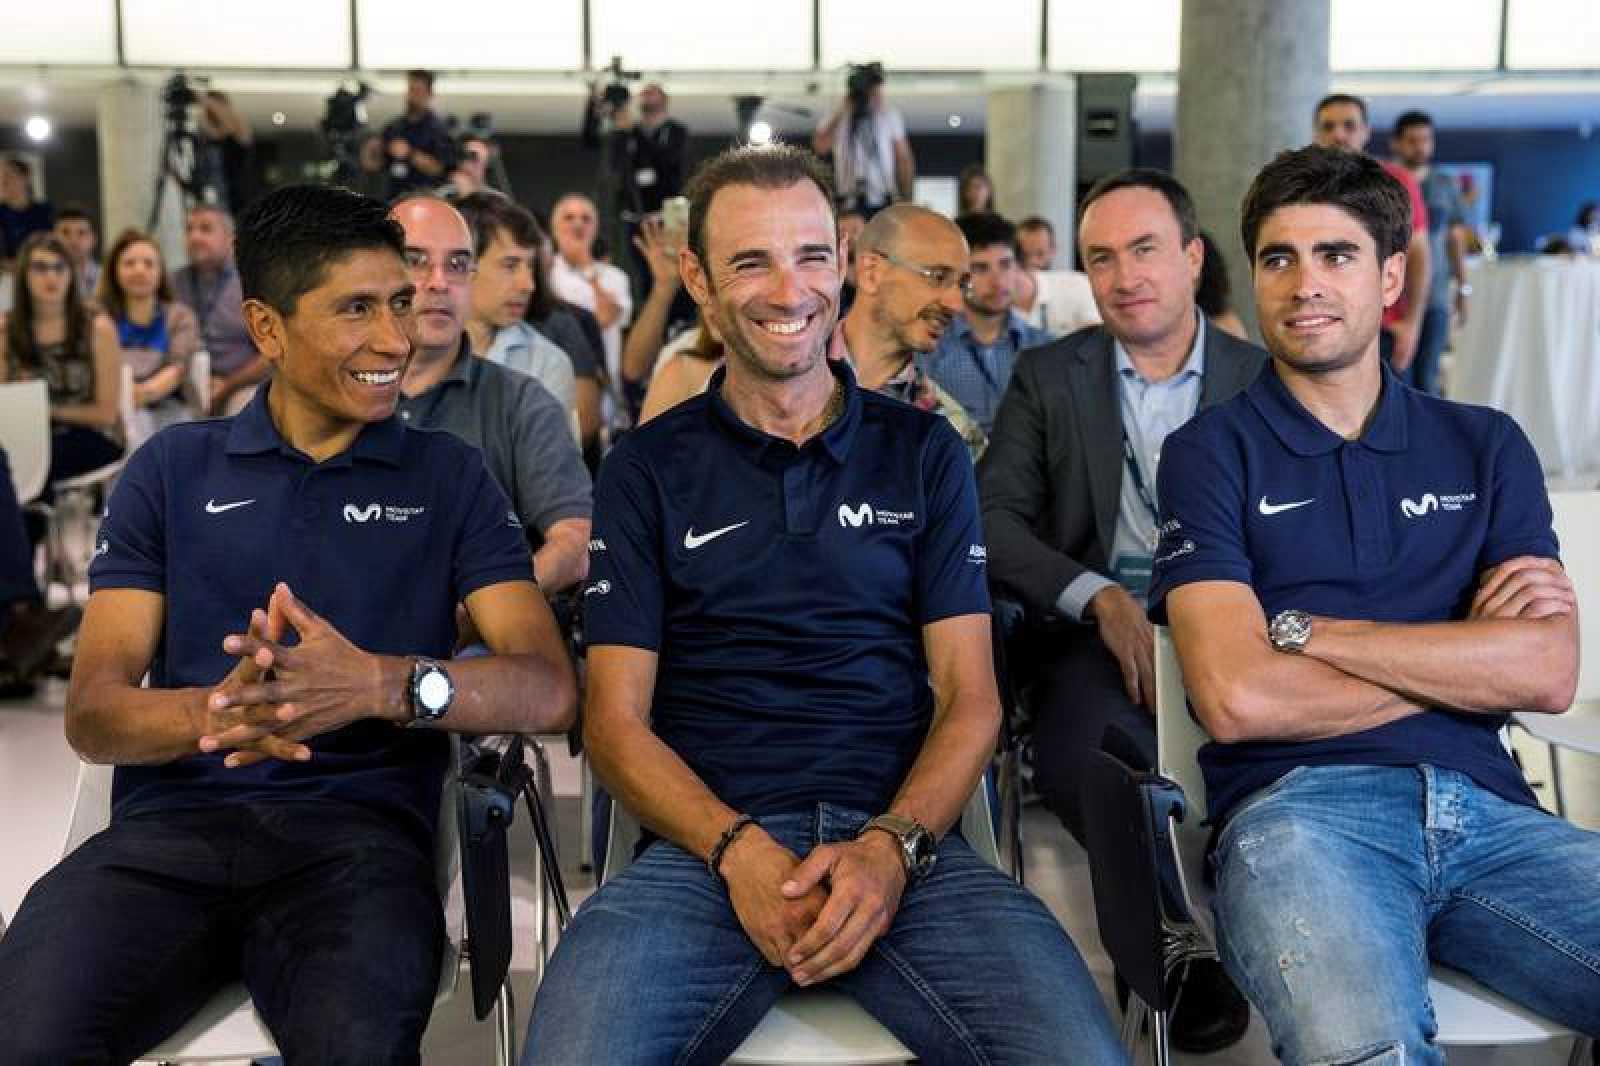 Nairo Quintana, Alejandro Valverde y Mikel Landa (i a d), durante la presentación del equipo Movistar para el próximo Tour de Francia.